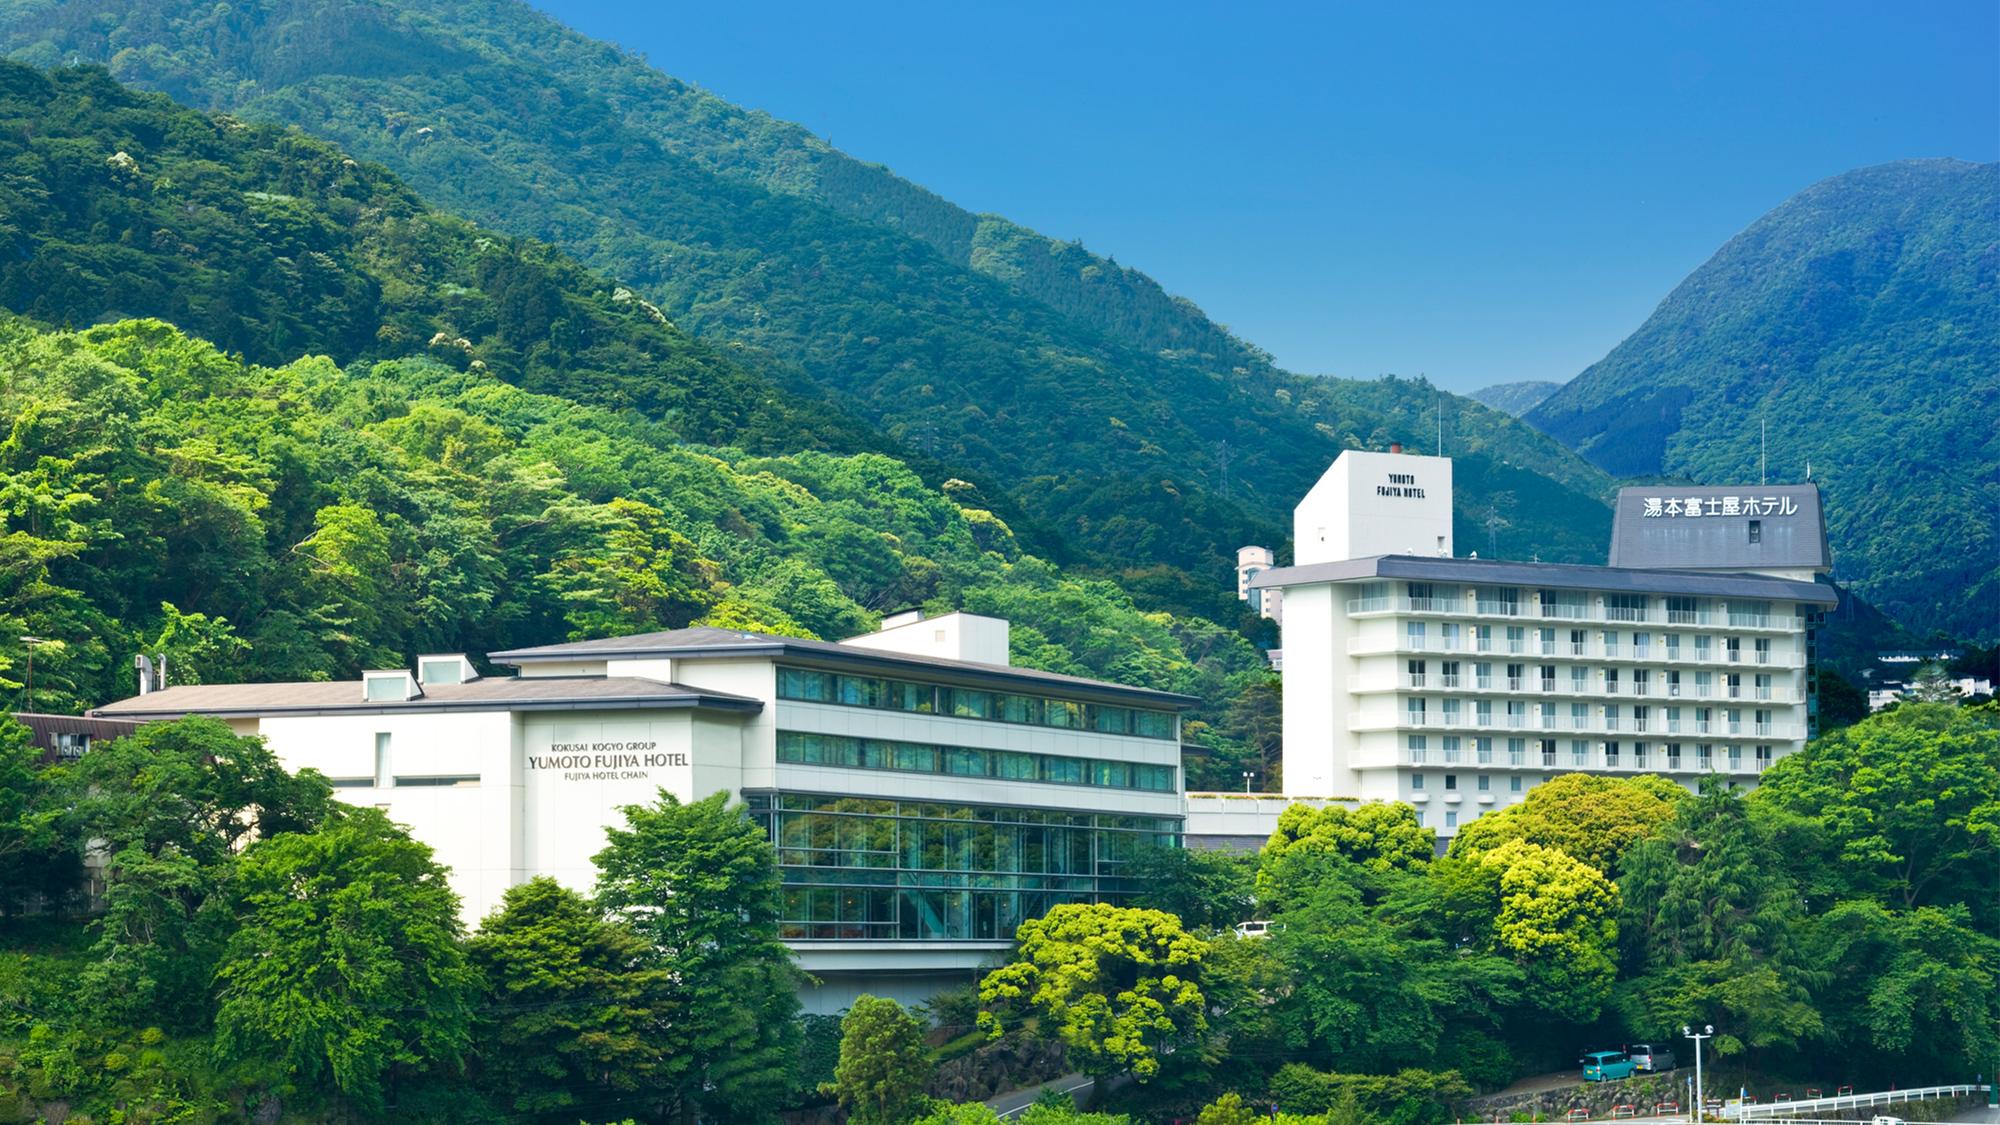 箱根温泉で日帰りで温泉とプールがあるホテルはありますか?